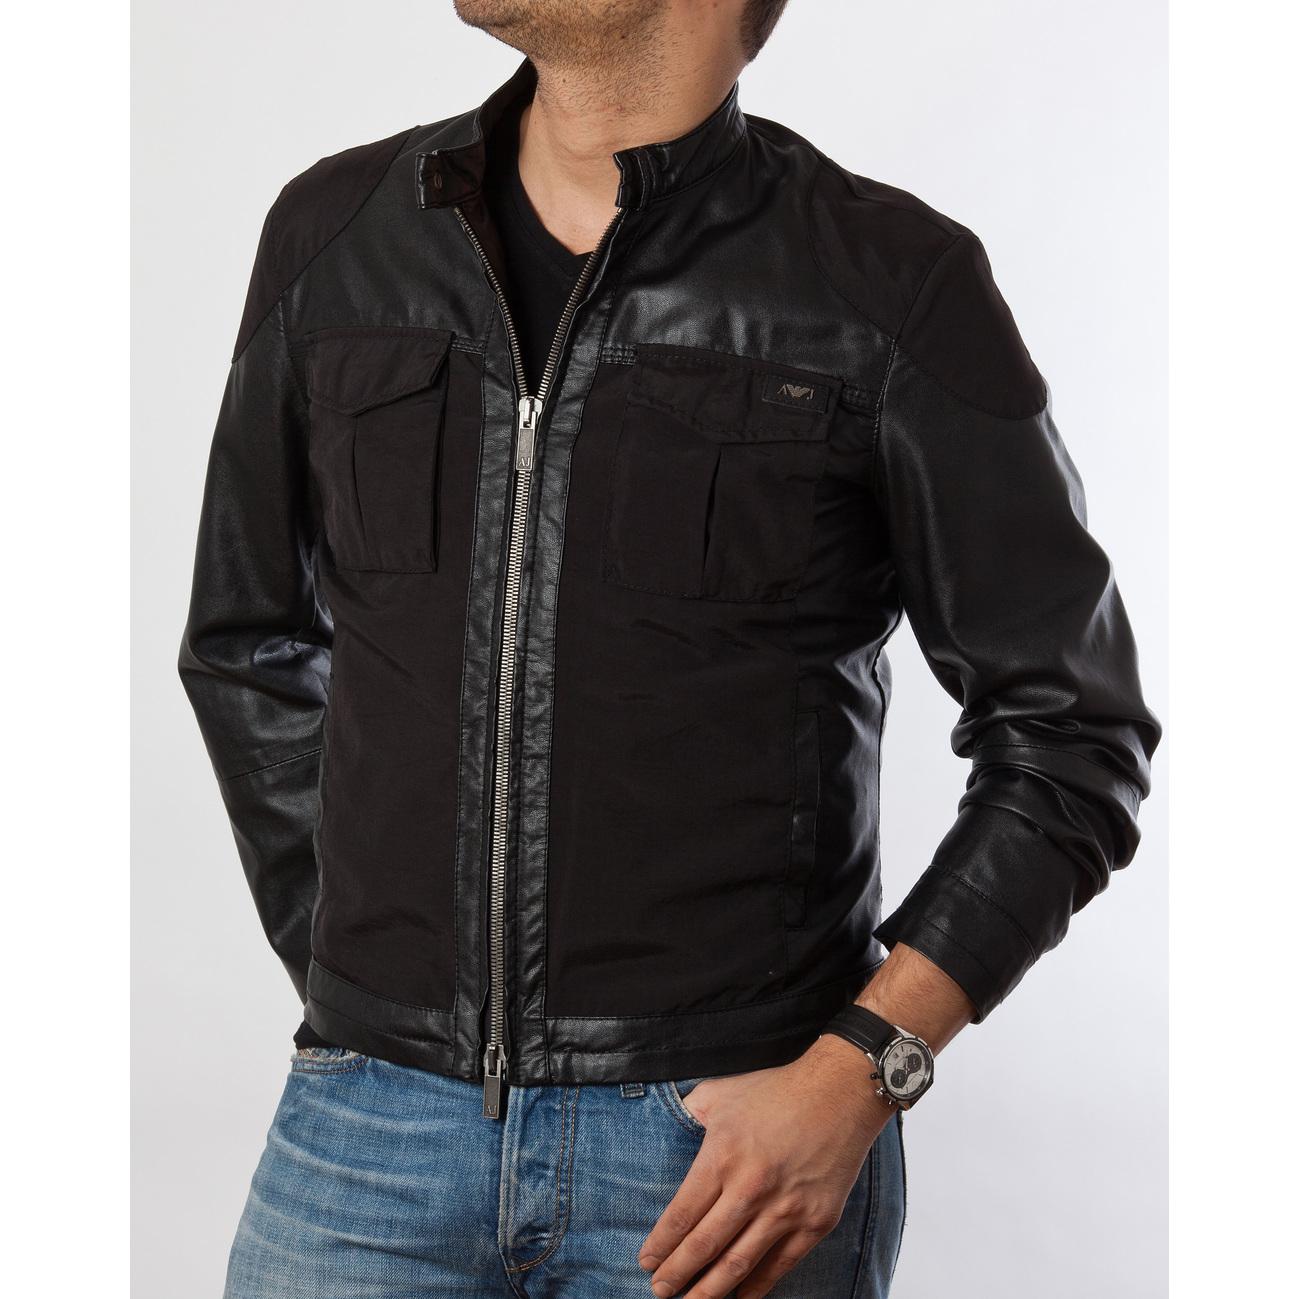 d96890438e49 Prix directeurs d usine armani veste en cuir Pas cher.Retrouvez les  informations sur les produits et les meilleurs prix sur les cha